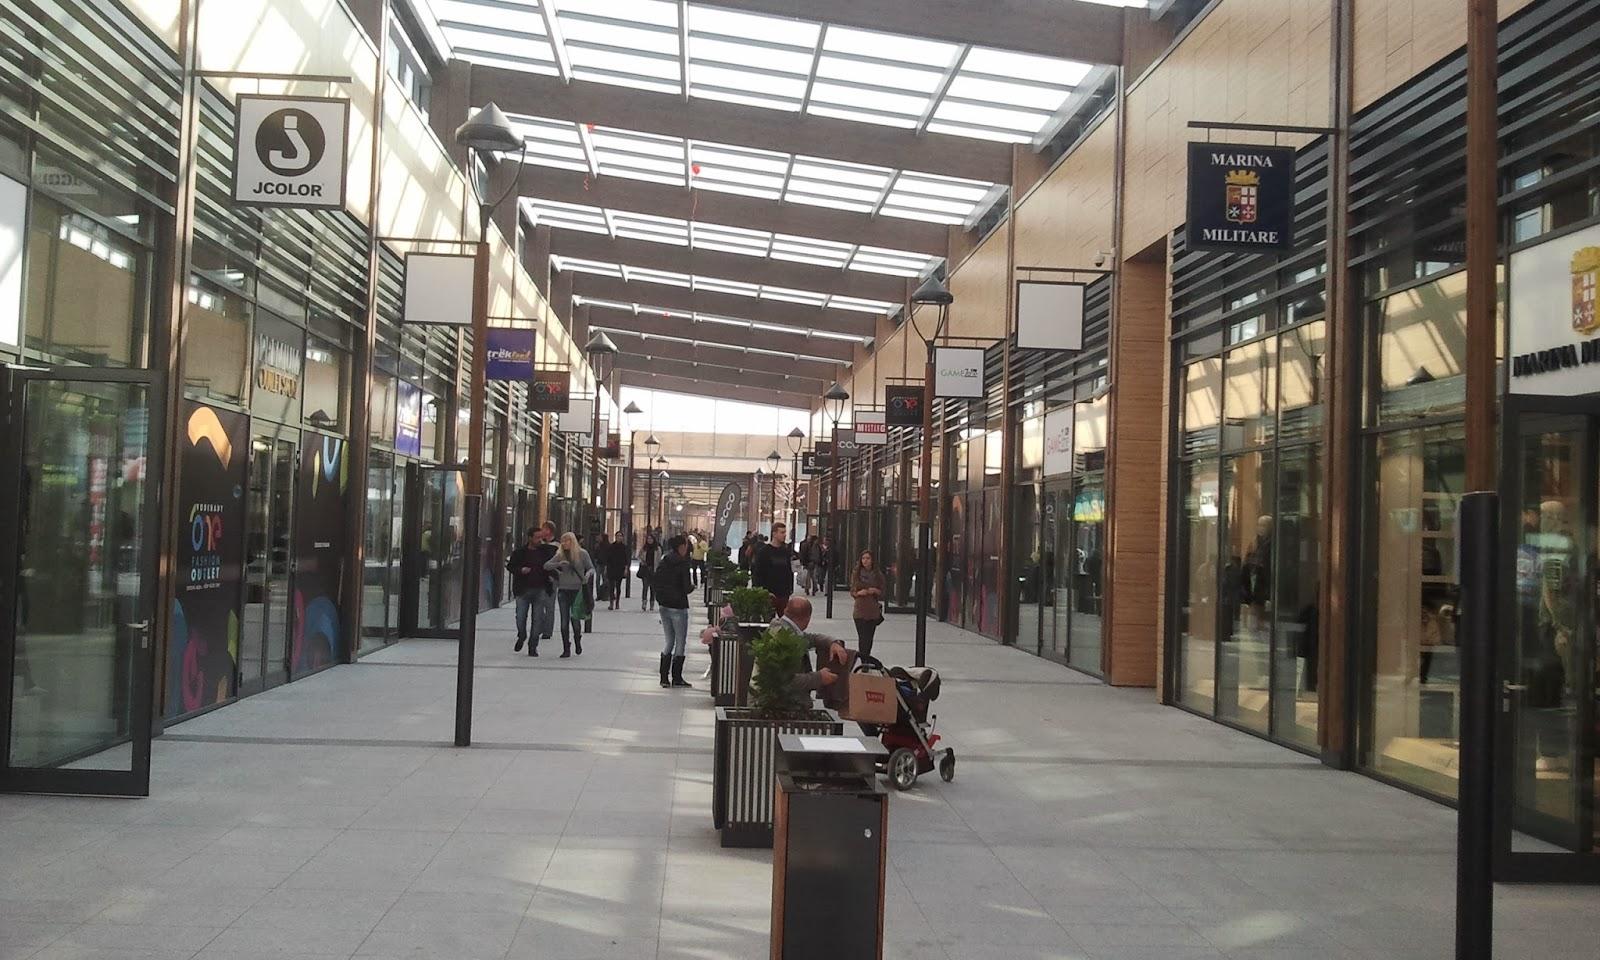 8028739deaefc Cestou sme sa ešte zastavili v obchodoch ako Gant, Gaudí, Adidas, teda také  známejšie aj keď viem, že sú cenovo drahšie, zvyšok z celkových 70 obchodov  nás ...